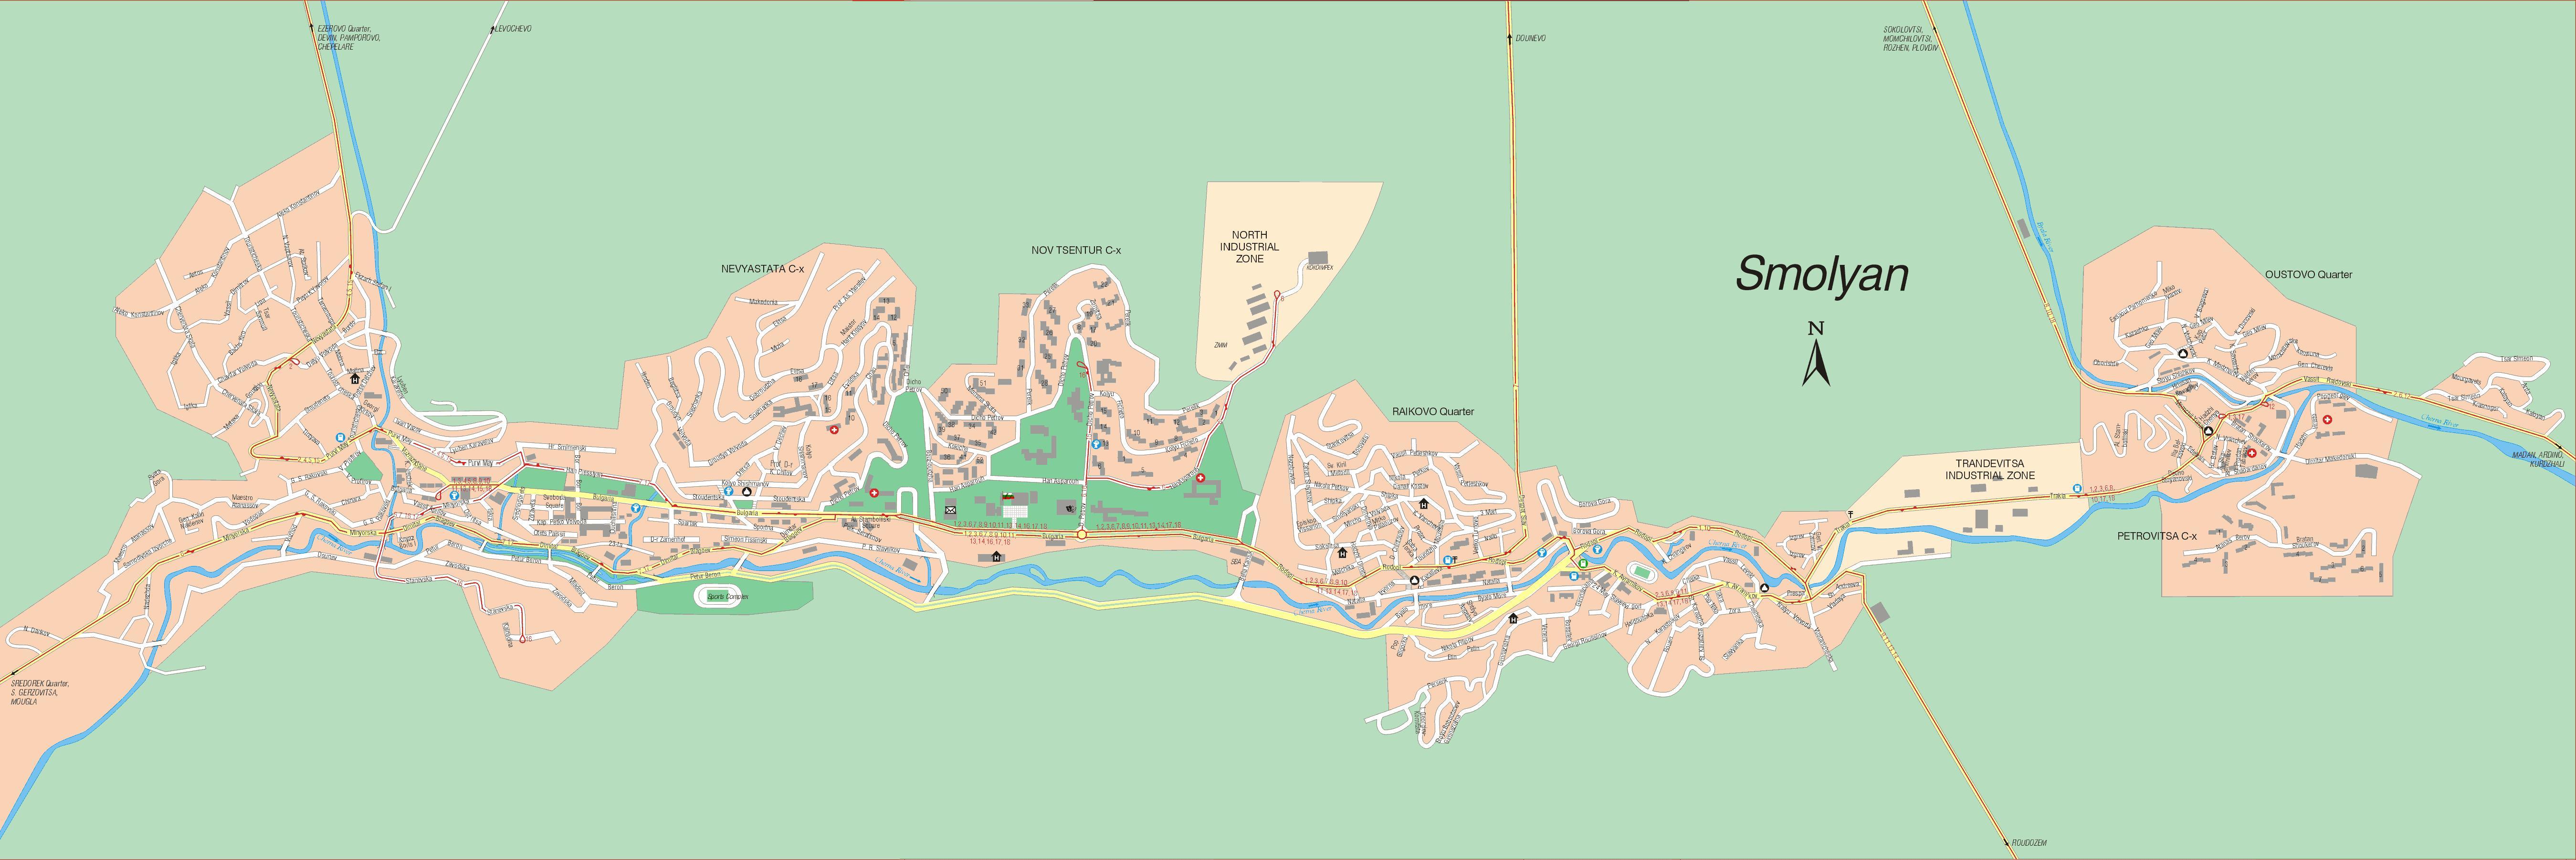 Karta Goroda Smolyan 60 Smolyanskaya Oblast Besplatno Skachat